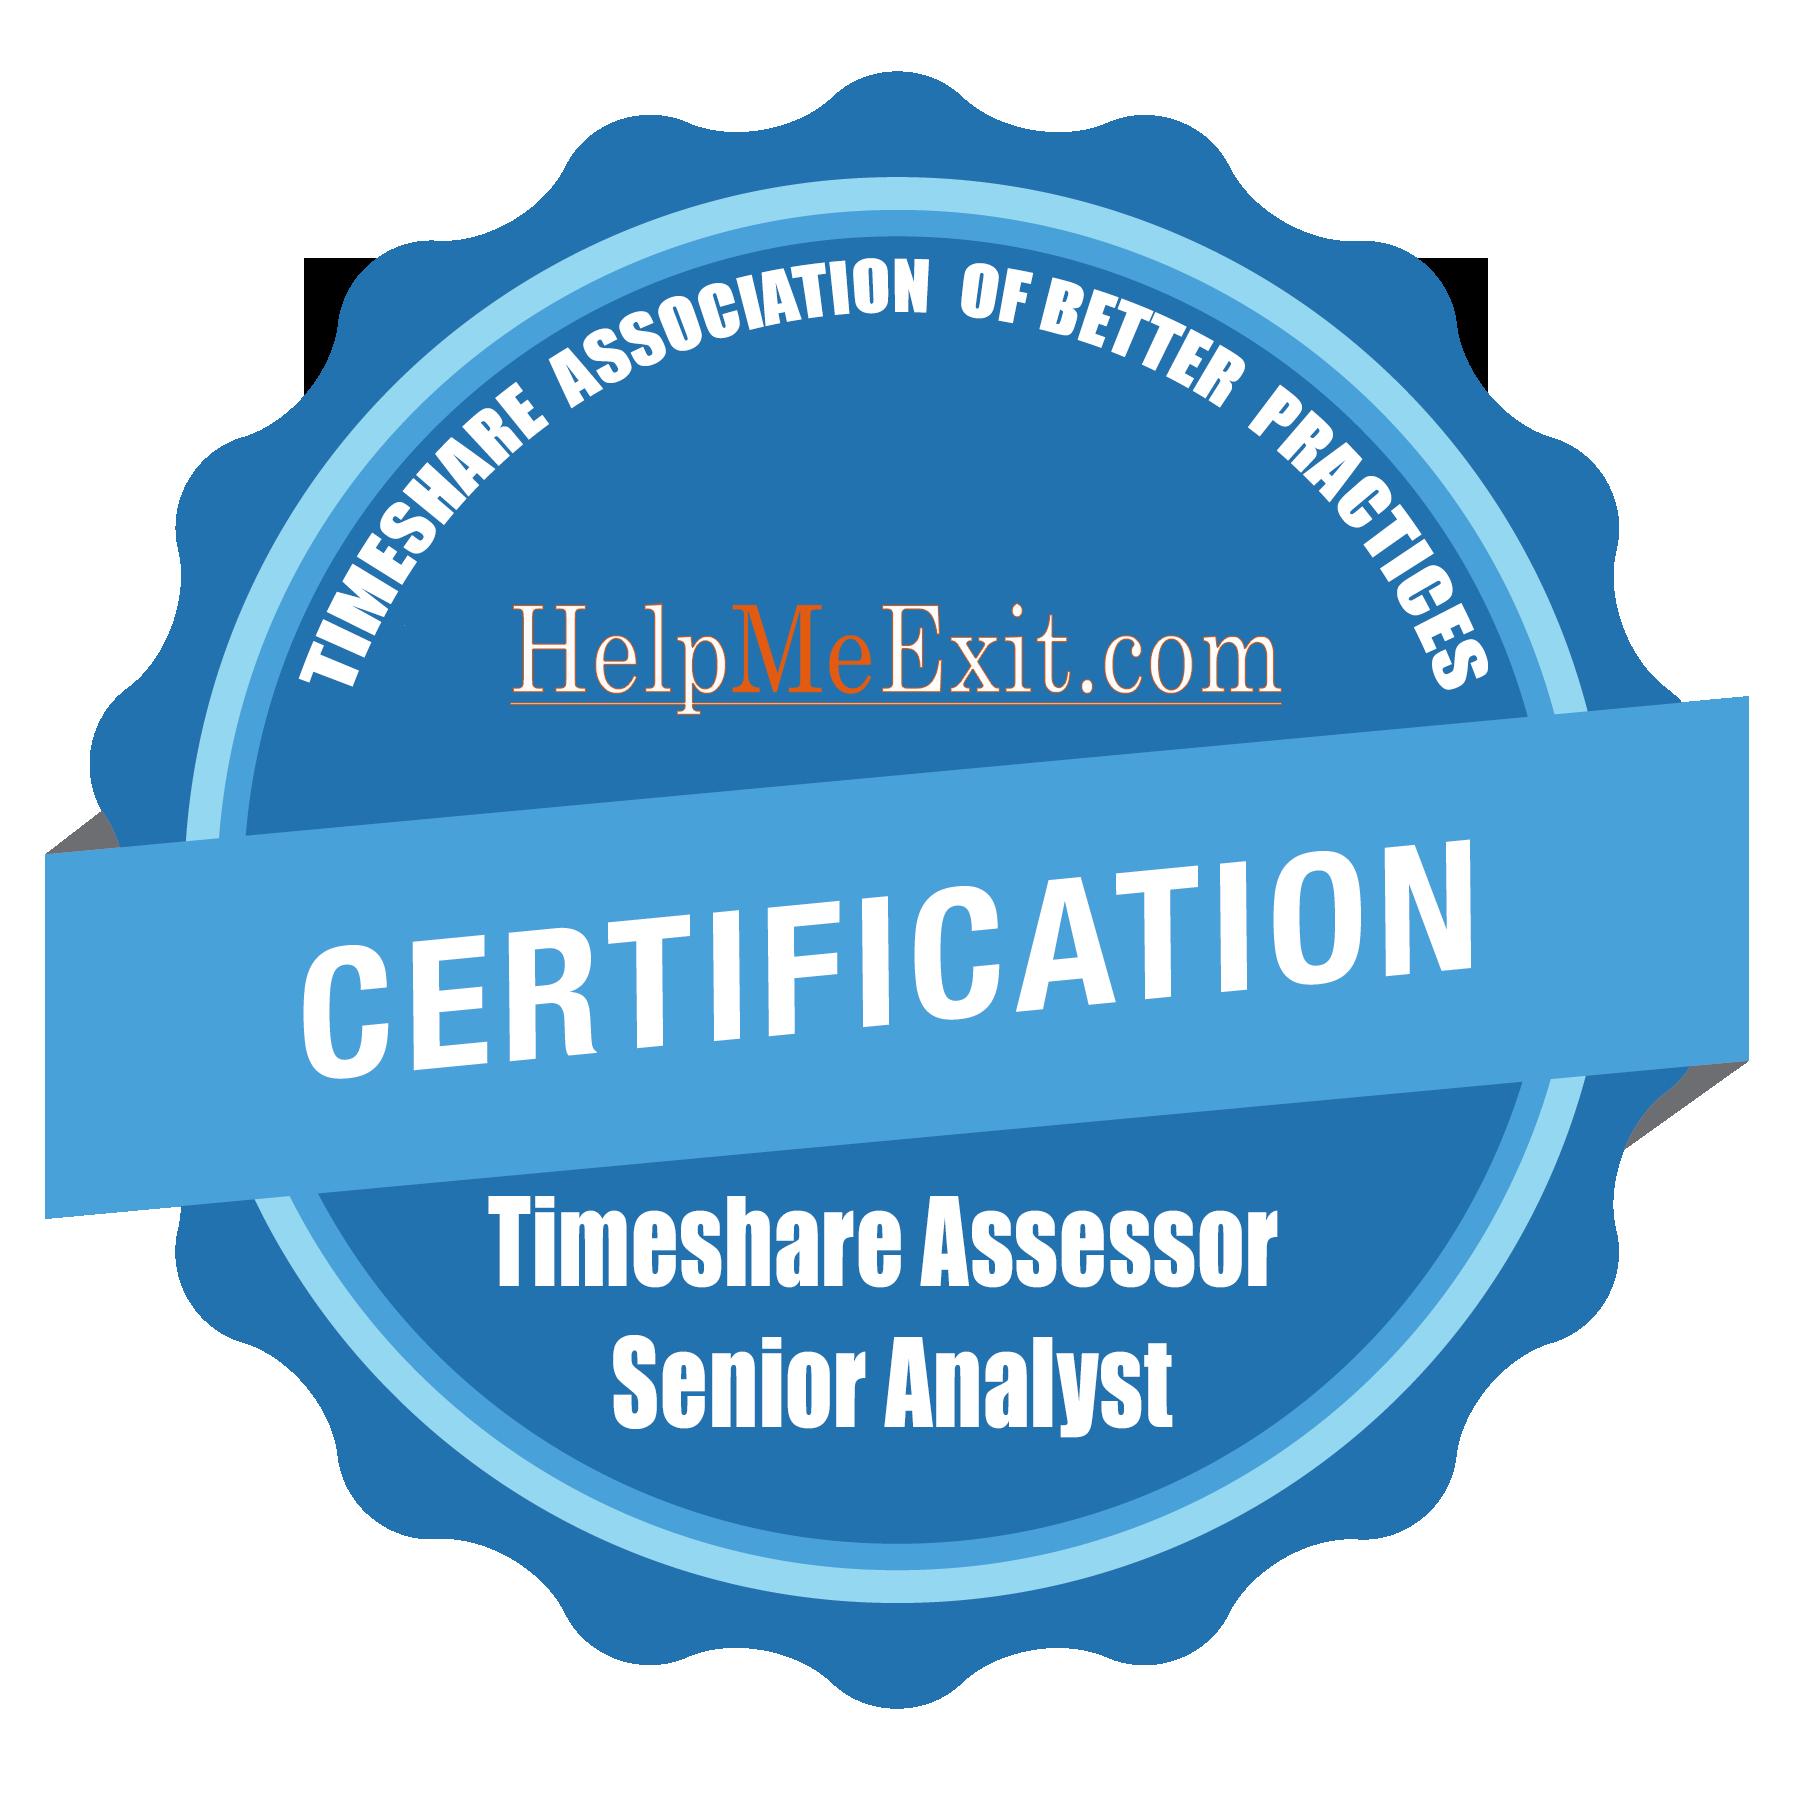 Timeshare Assessor Senior Analyst